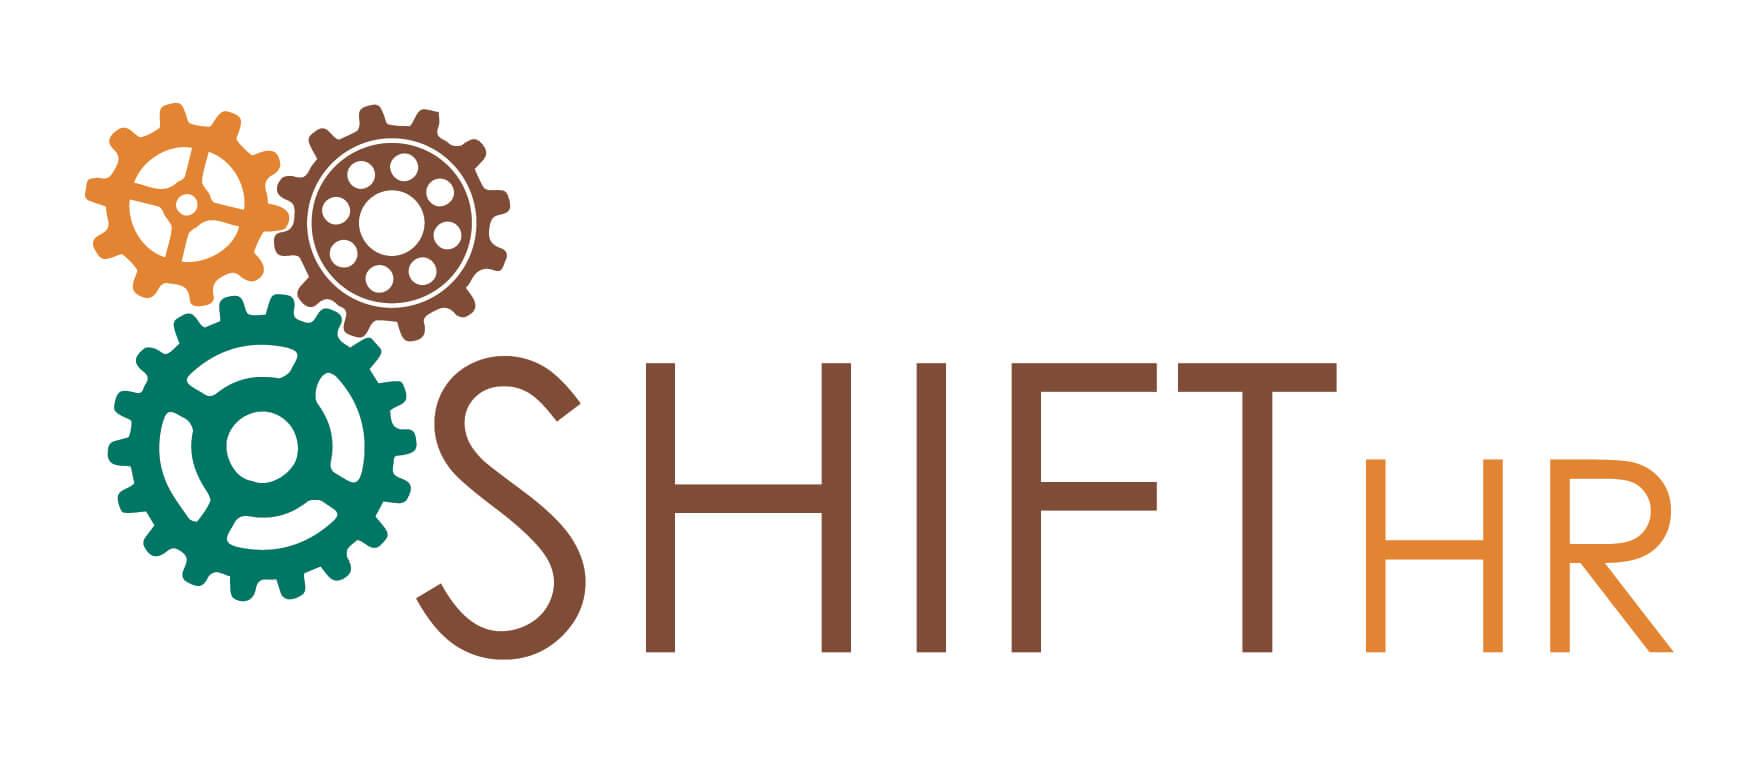 women-owned-business-shift-hr.jpg